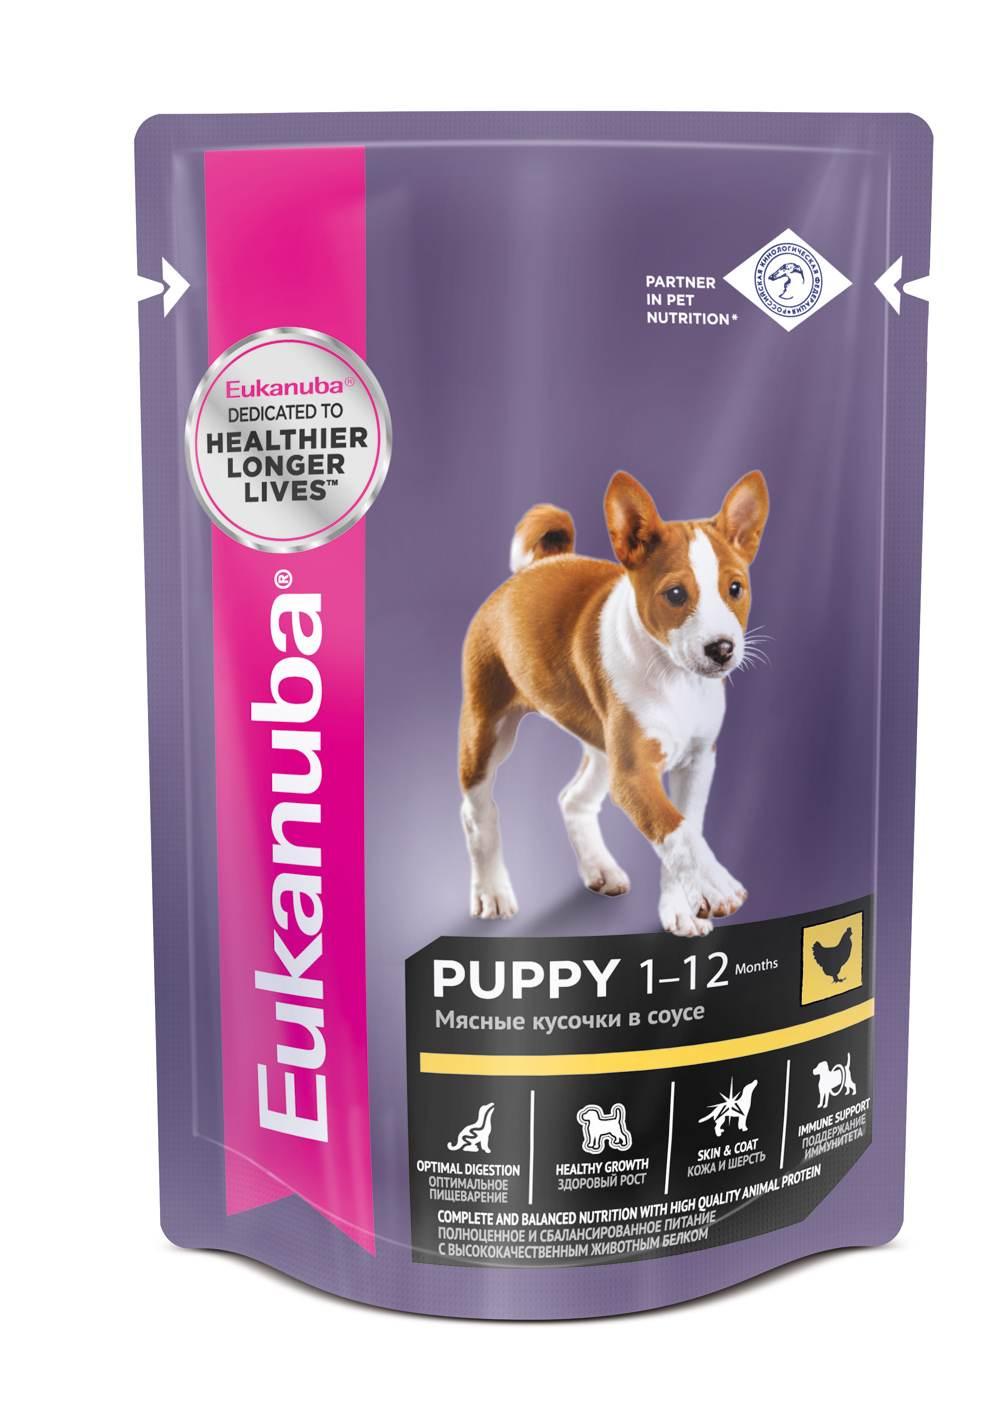 Корм консервированный для щенков Eukanuba EUK Dog. Паучи, с курицей, в соусе, 85 г10151137Полноценное и сбалансированное питание для щенков всех пород в возрасте от 1 до 12 месяцев с высококачественным животным белком. ОПТИМАЛЬНОЕ ПИЩЕВАРЕНИЕ Способствует поддержанию здоровой кишечной микрофлоры за счет пребиотиков и клетчатки. ЗДОРОВЫЙ РОСТ Содержит все необходимые минеральные вещества и витамины для здорового роста и развития. КОЖА И ШЕРСТЬ Поддерживает здоровье кожи и красоту шерсти при помощи оптимального соотношения омега-З и омега-6 жирных кислот. ПОДДЕРЖАНИЕ ИММУНИТЕТА Способствует поддержанию иммунной системы за счет антиоксидантов. Нутриент Кол-во Белки 8,5 г Жиры 4,5 г Зола (минералы) 2,7 г Клетчатка 0,1 г Влага 80 г ...